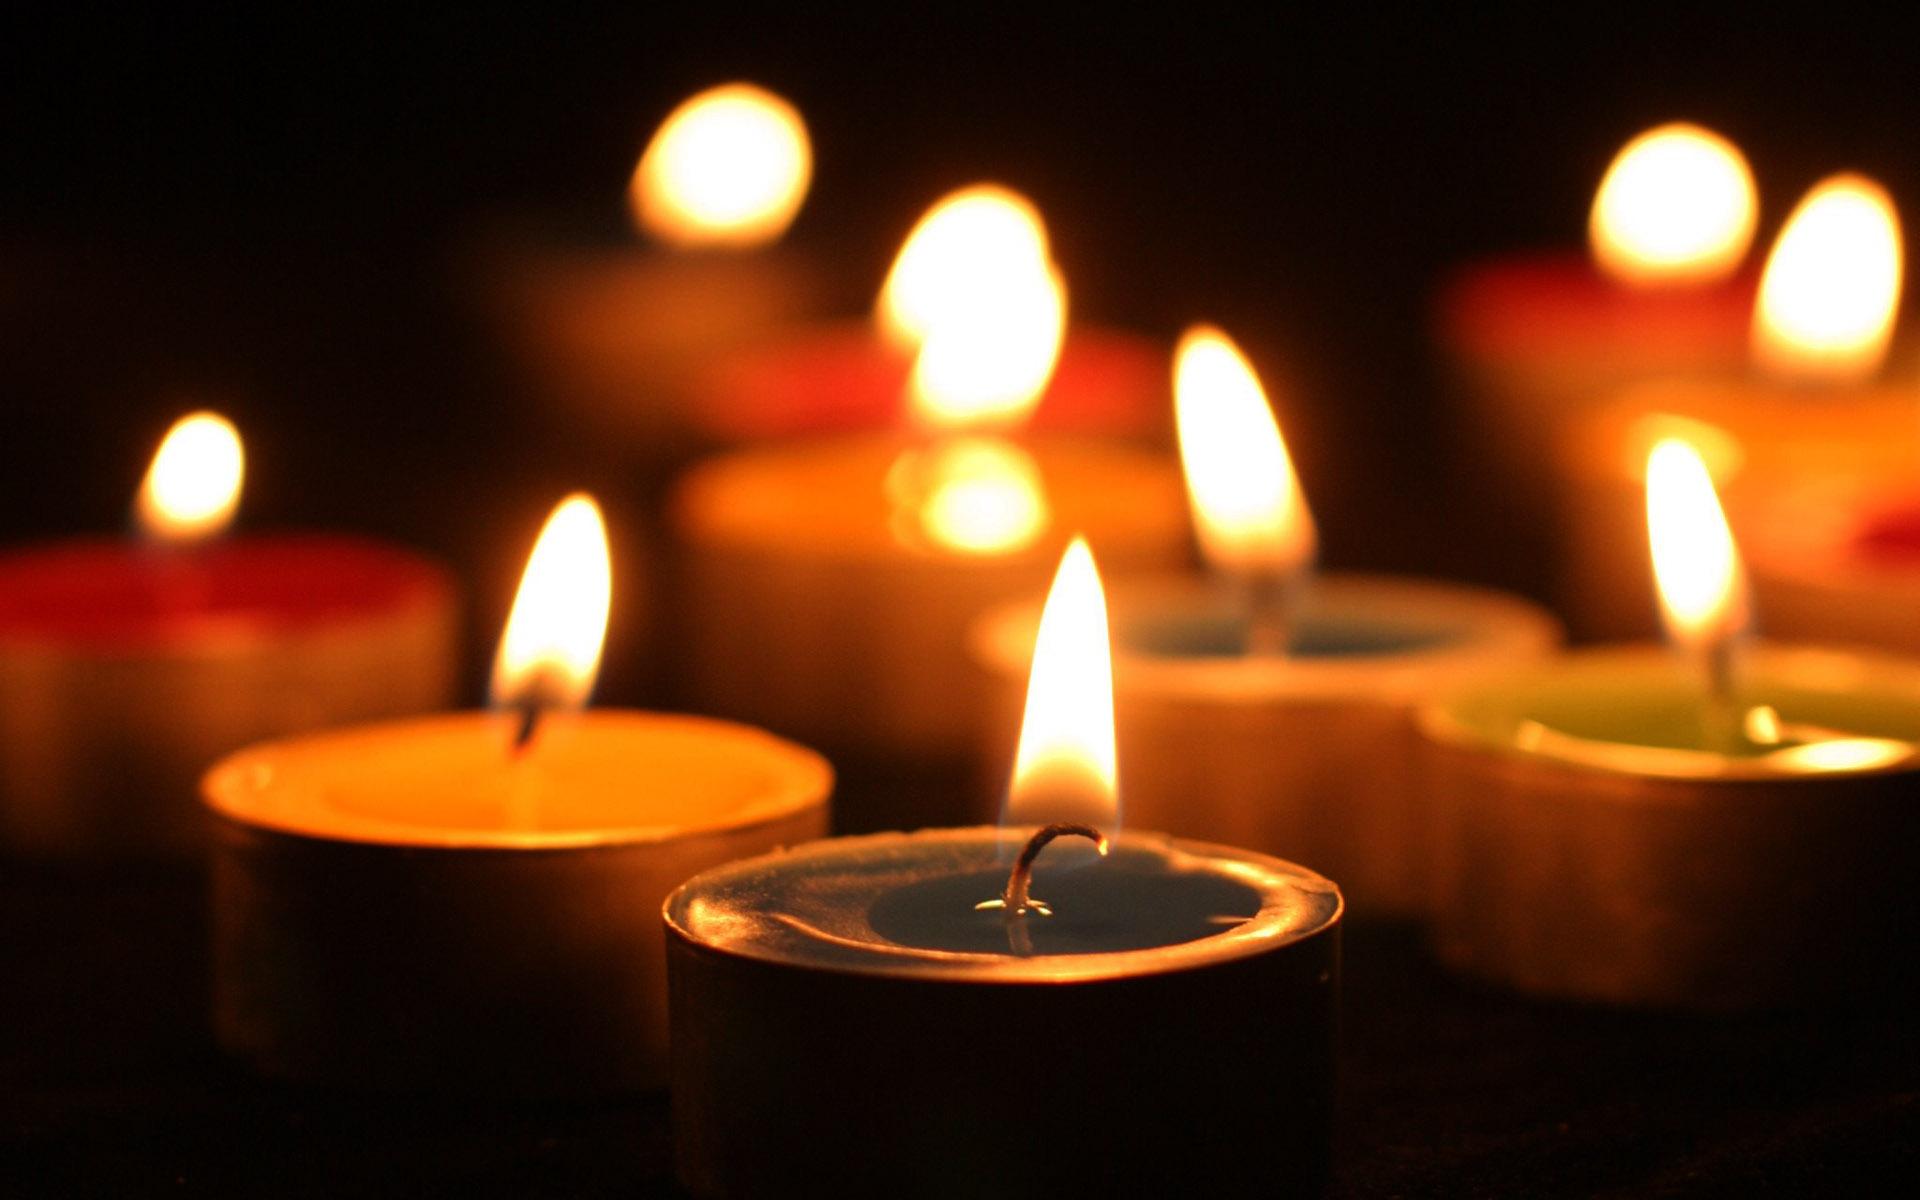 Севастопольцы не в восторге от российских свечей